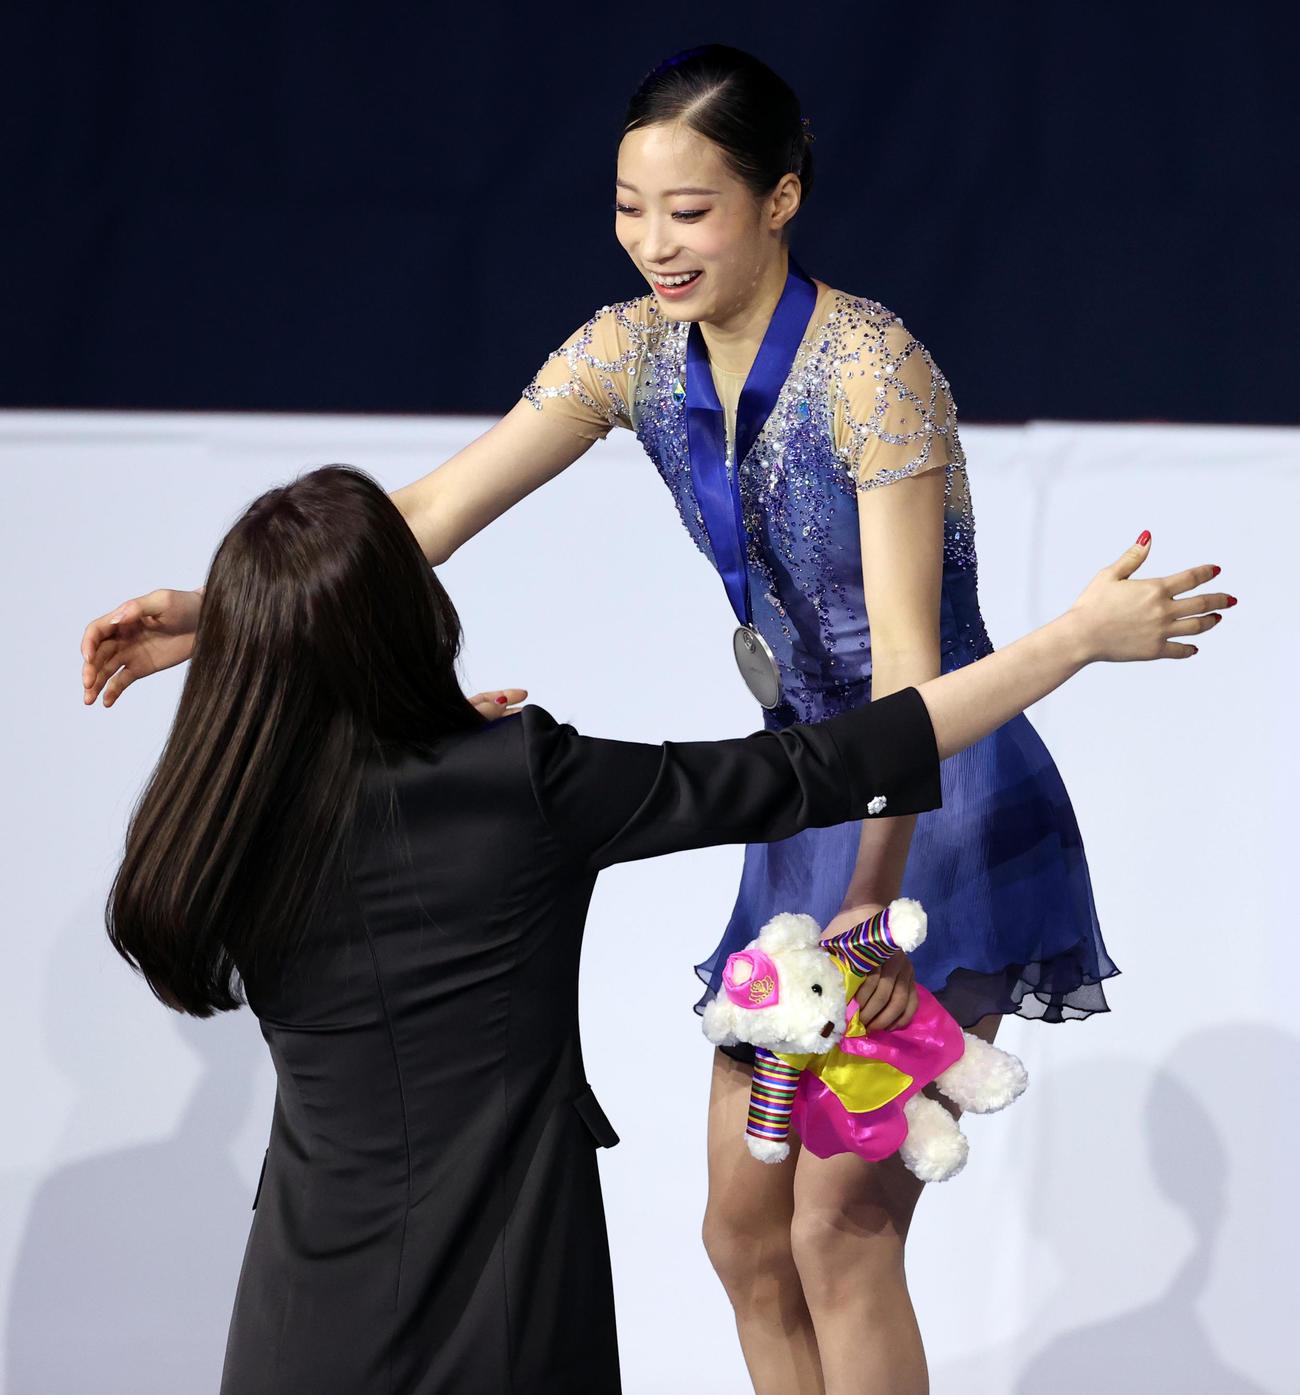 2位の劉永は、プレゼンターのキム・ヨナさんと笑顔で抱き合う(撮影・浅見桂子)